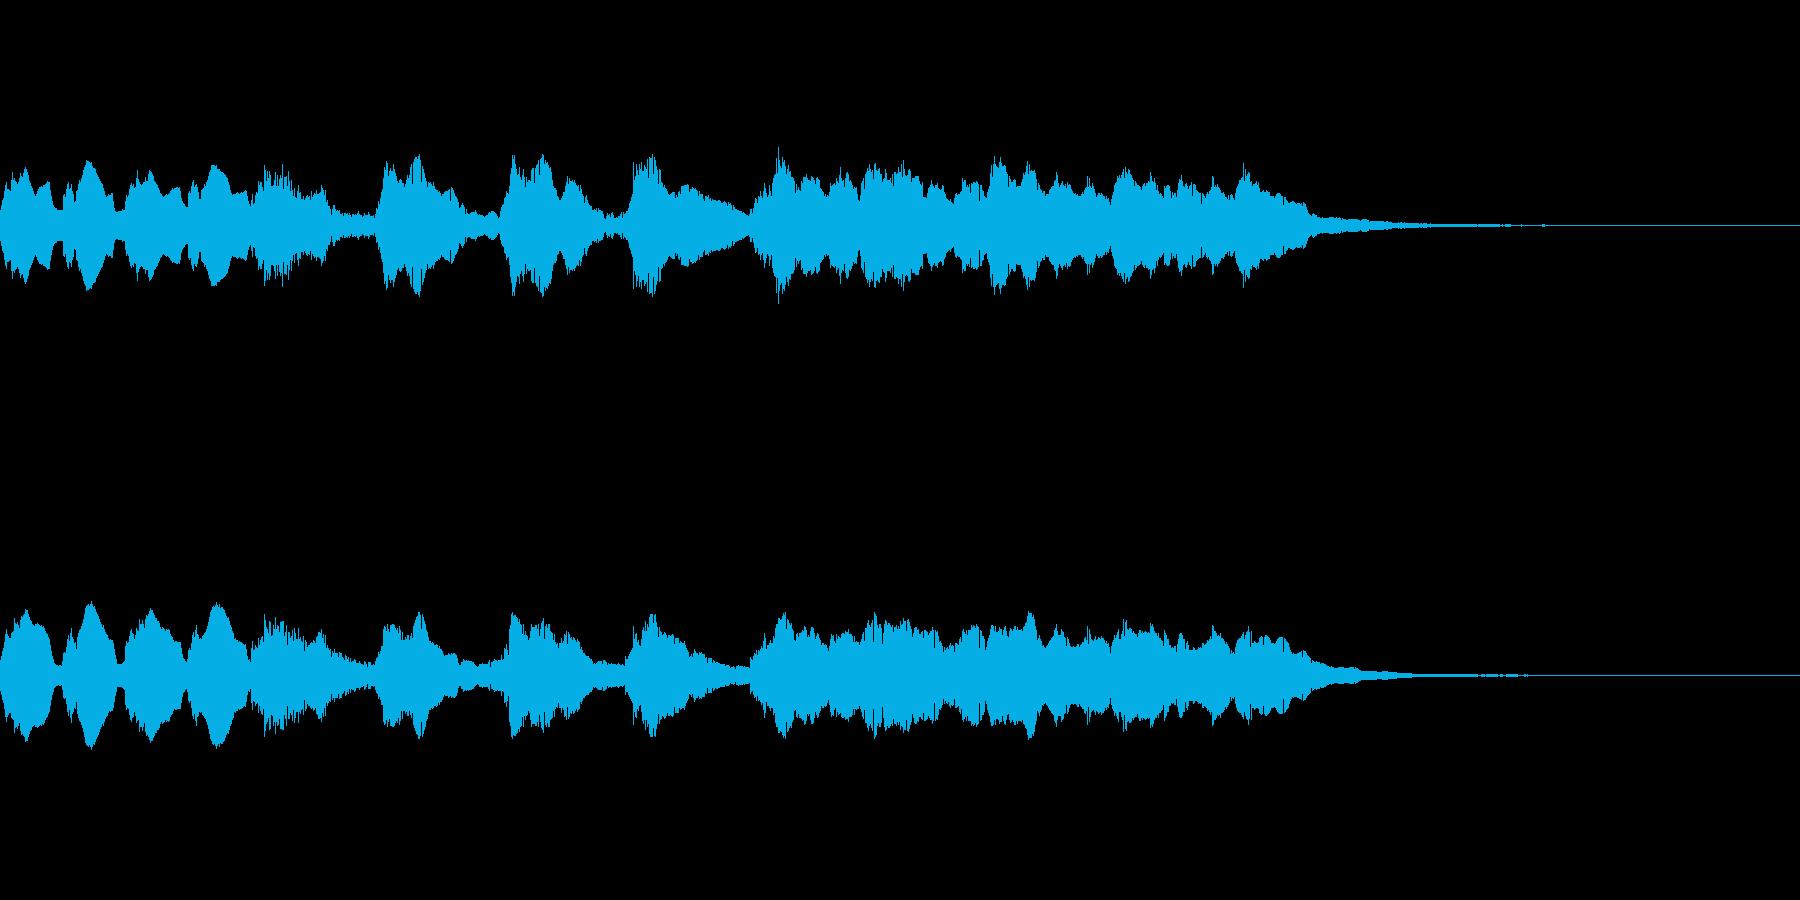 中国/中華風メロディ/BGM01の再生済みの波形